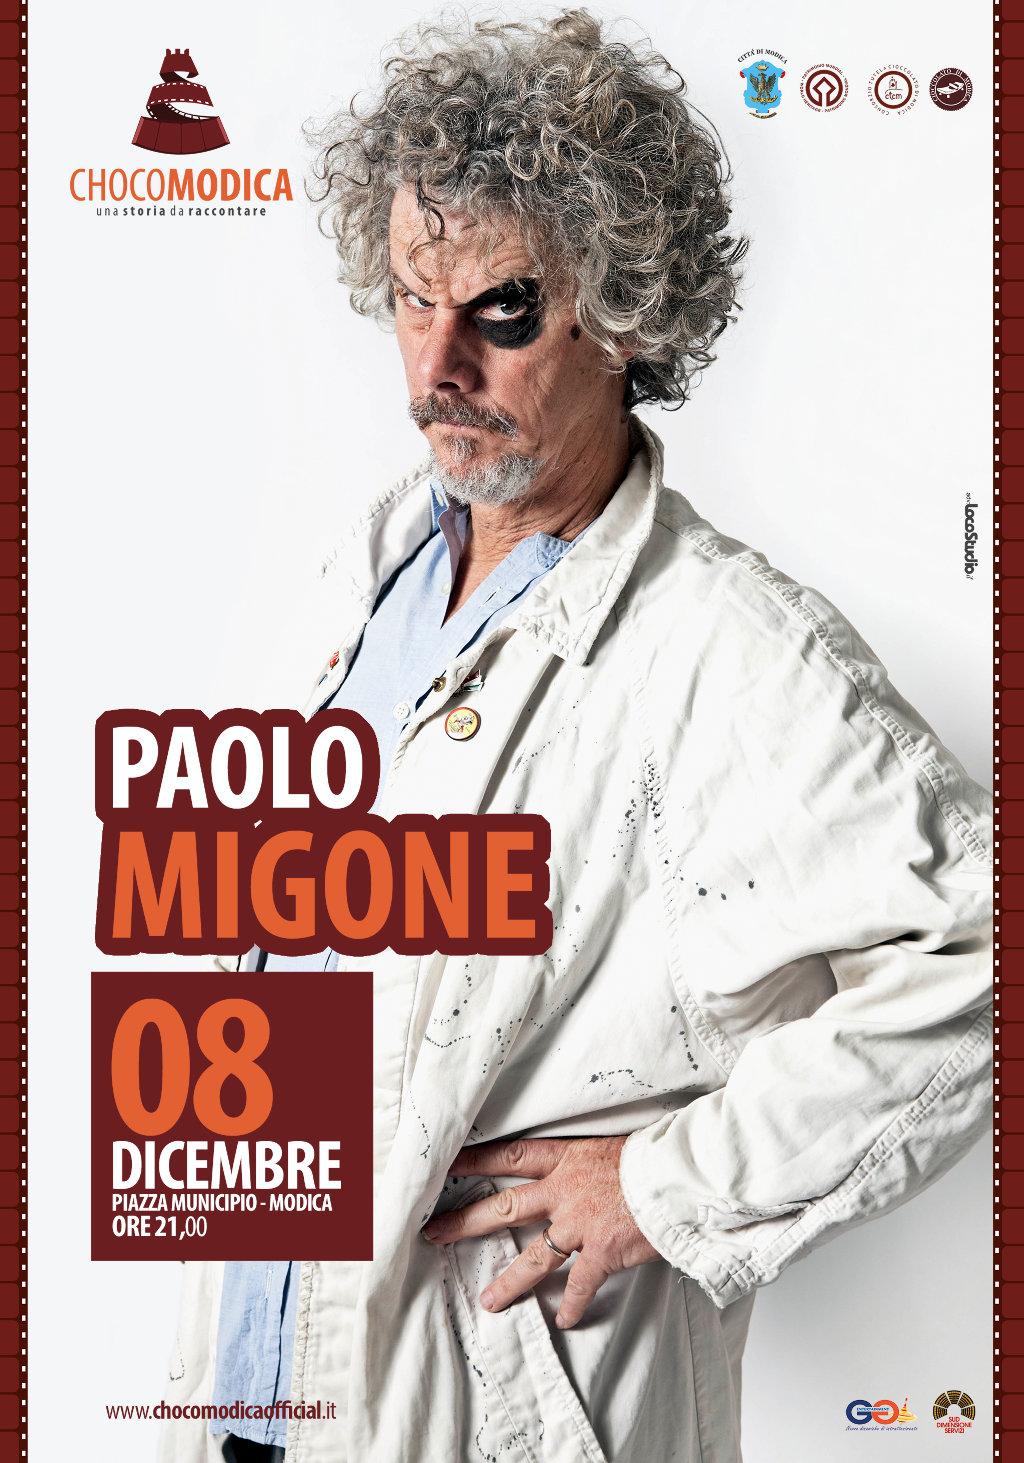 Paolo Migone | Chocomodica 2016